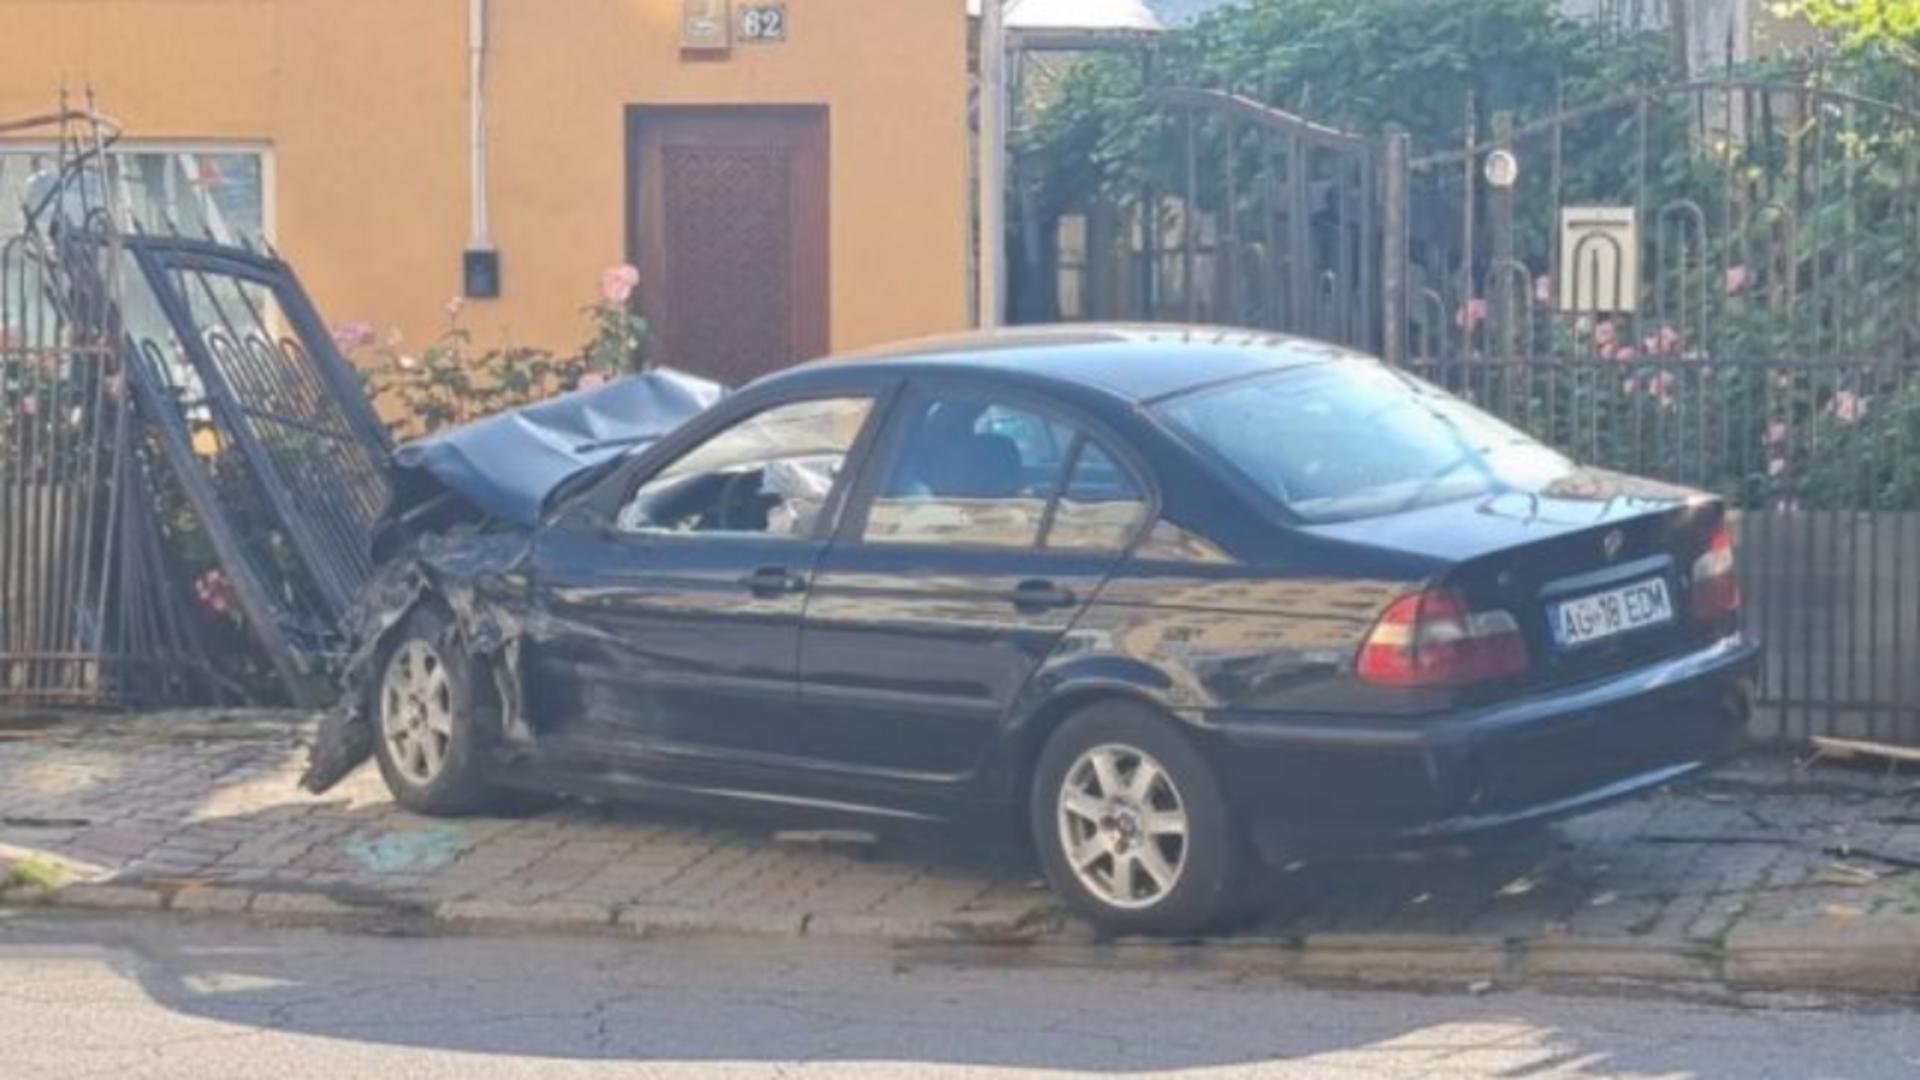 S-a urcat beat la volan, la doar 18 ani, și s-a oprit cu mașina în gardul unei case. Foto/adevarul